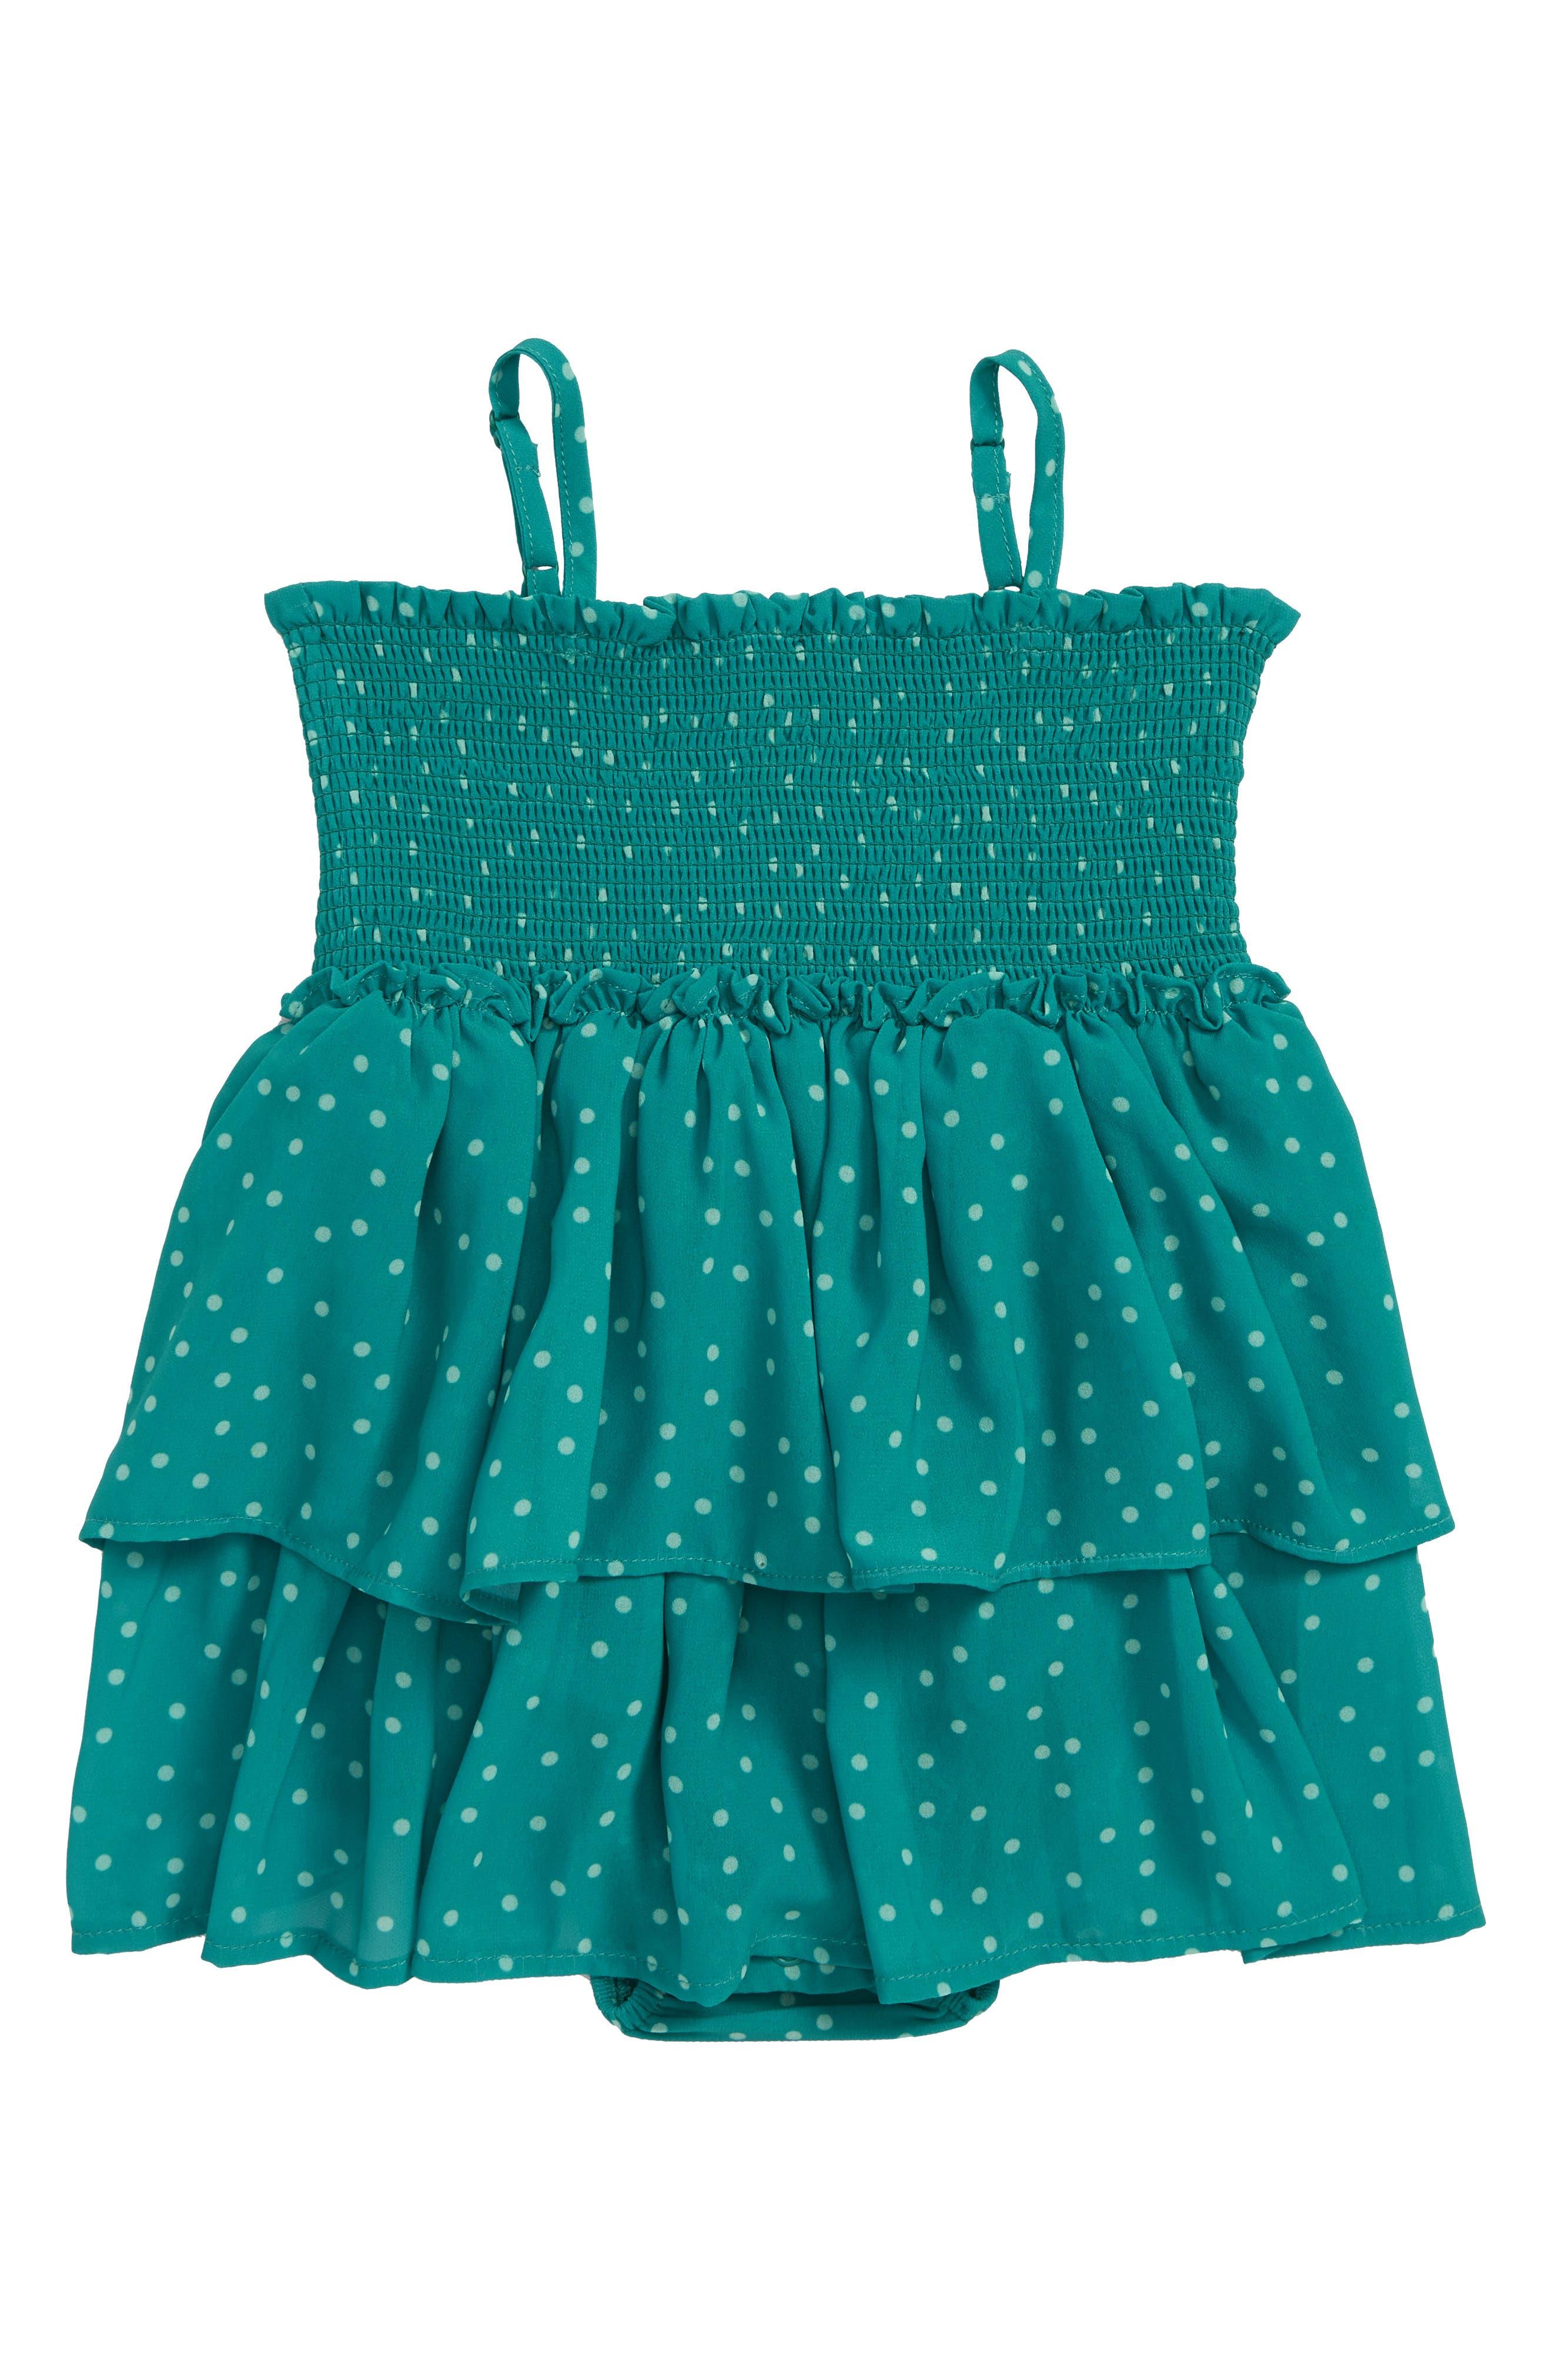 Stace Smocked Polka Dot Dress,                             Main thumbnail 1, color,                             372